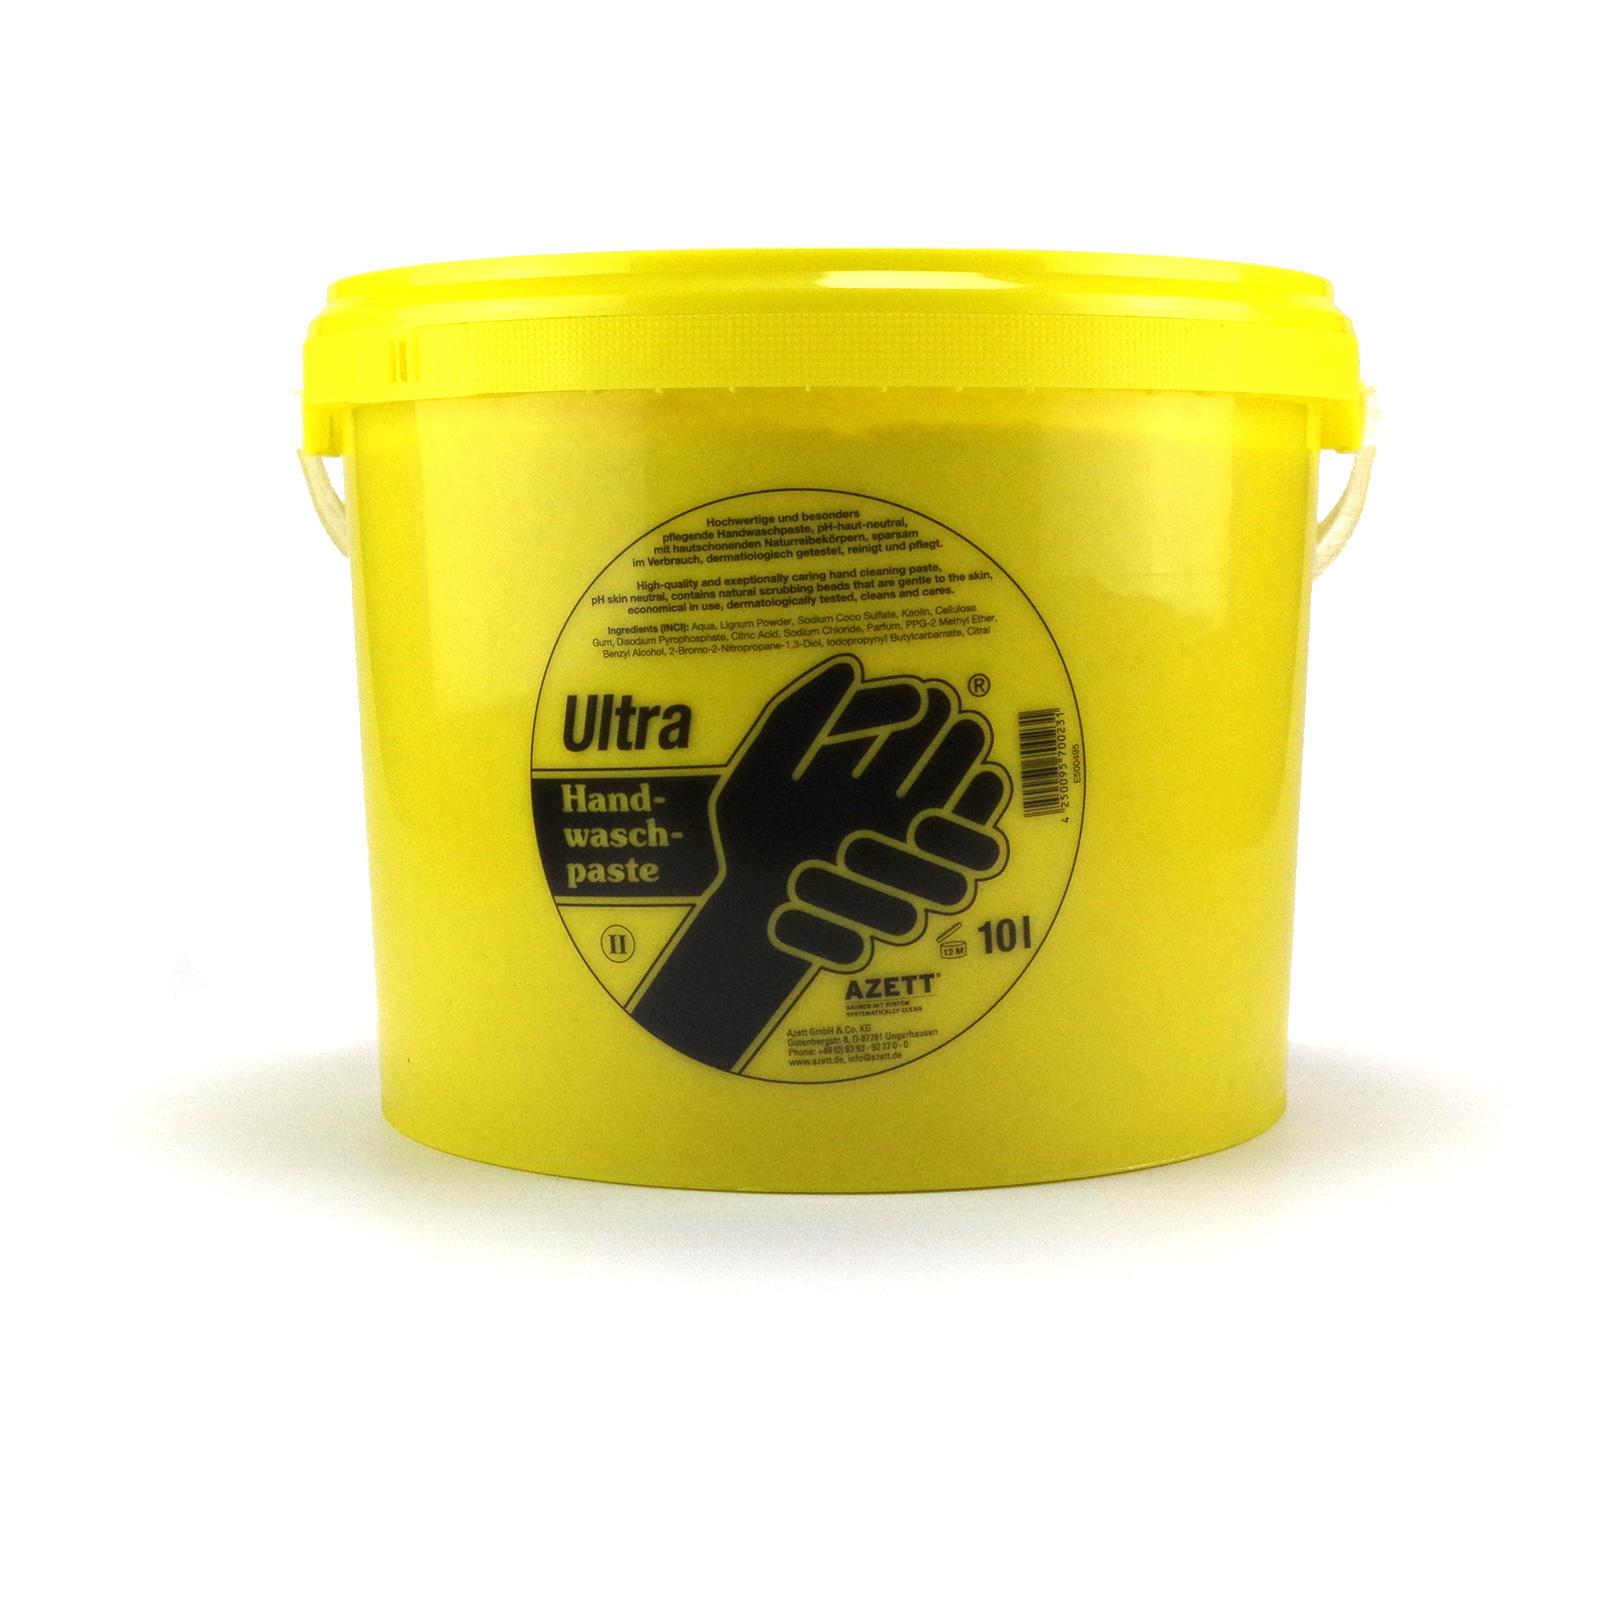 Handwaschpaste | 1l - 10l mit Naturreibekörper